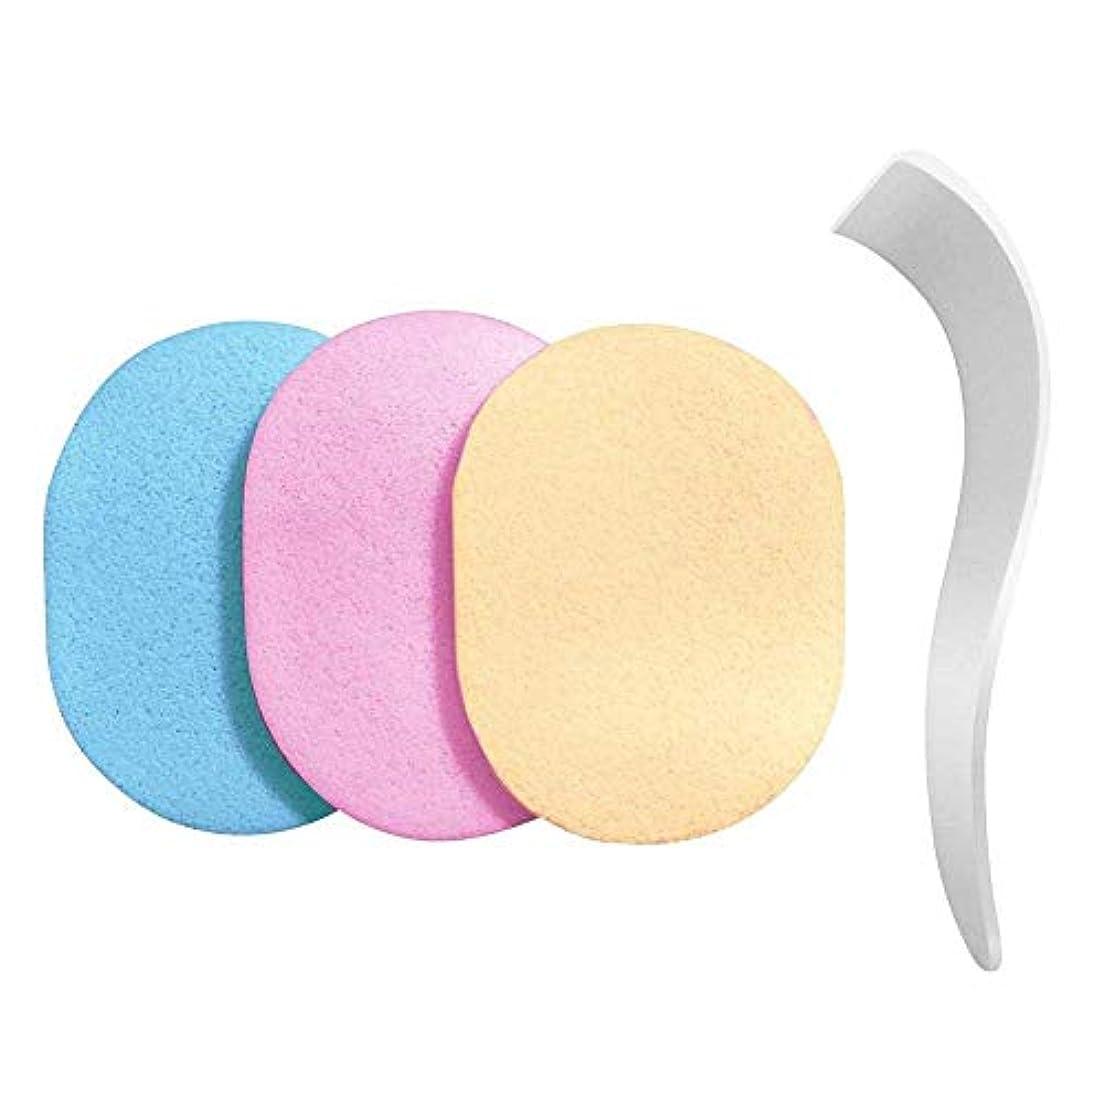 保証金冷ややかなエキサイティングSimg 専用ヘラ スポンジ 洗って使える 3色セット 除毛クリーム専用 メンズ レディース【除毛用】